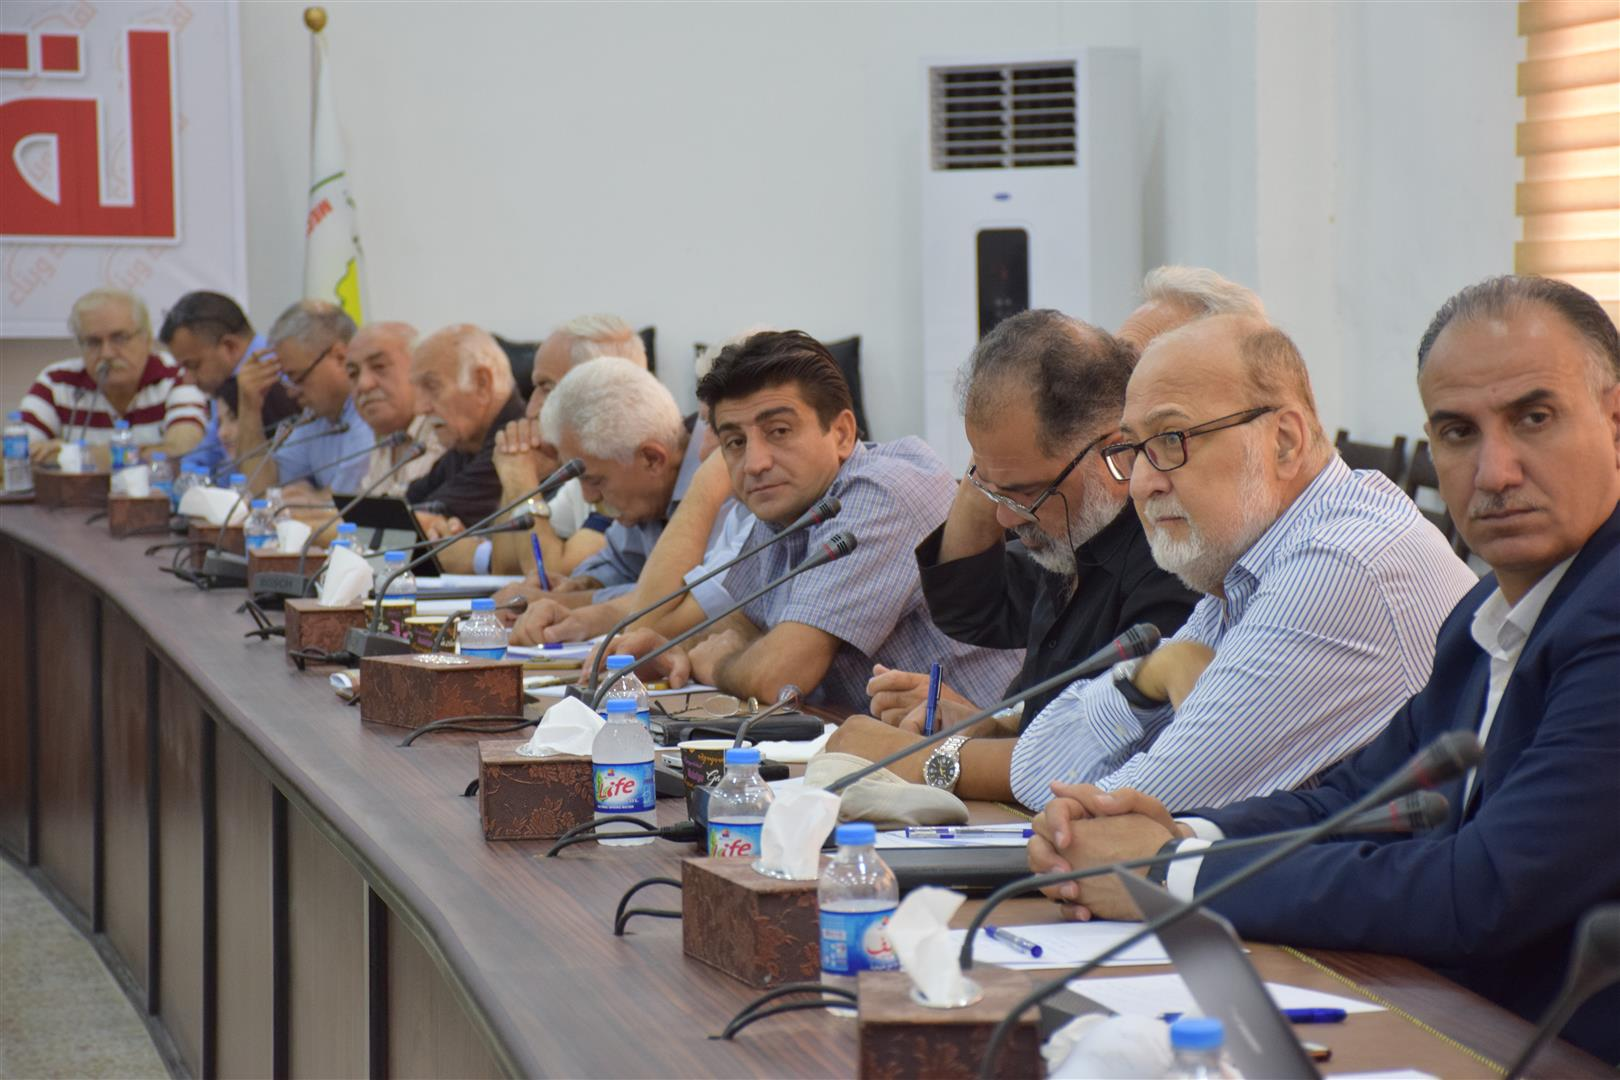 الملتقى الحواري يطرح الرؤى لحل الأزمة السورية